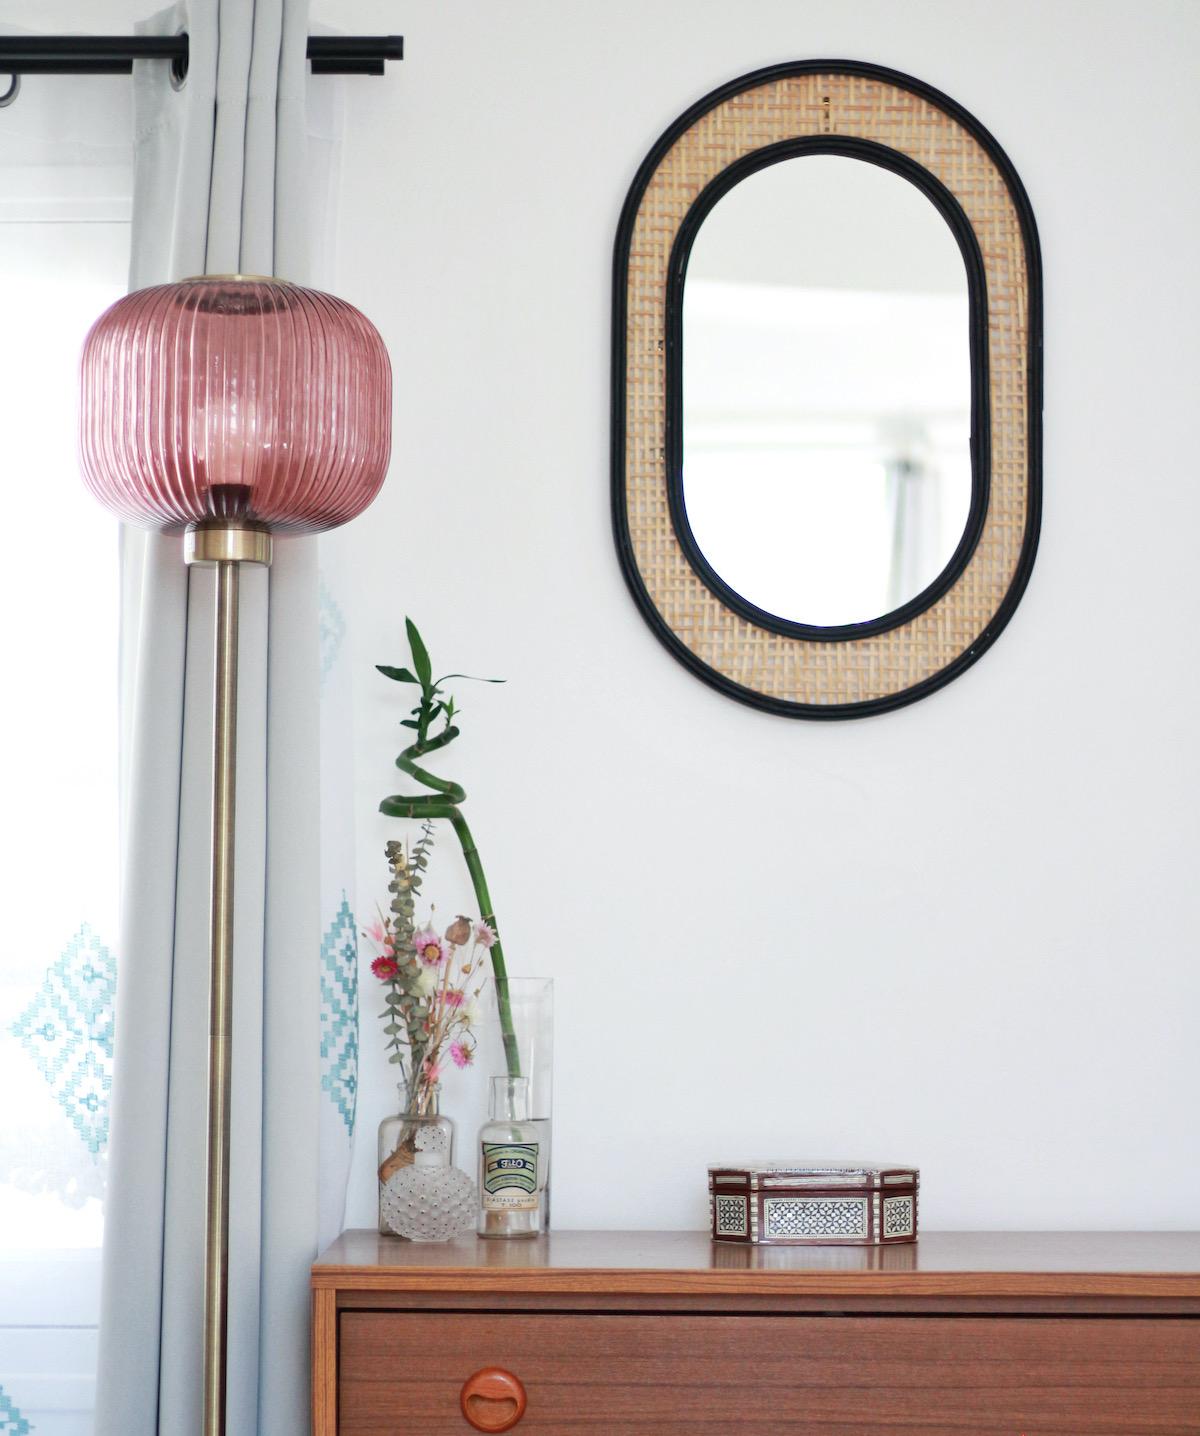 chambre appartement parisien accessoires vintage lampe rose laiton miroir cannage